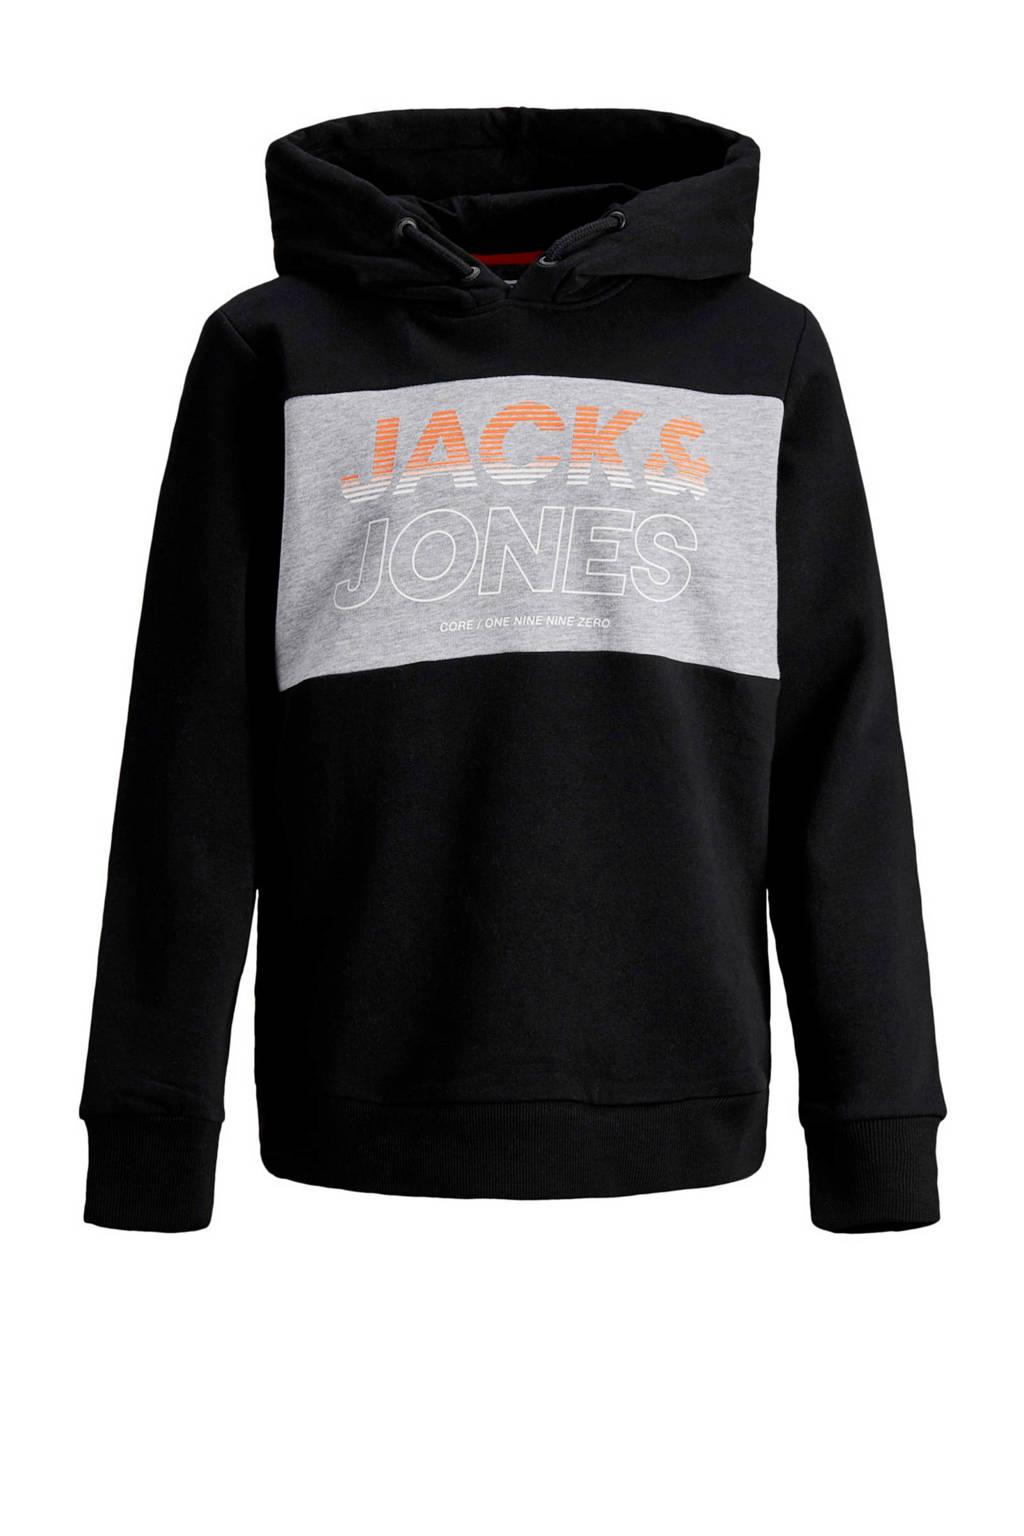 JACK & JONES JUNIOR hoodie met tekst zwart/ grijs/ oranje, Zwart/ grijs/ oranje